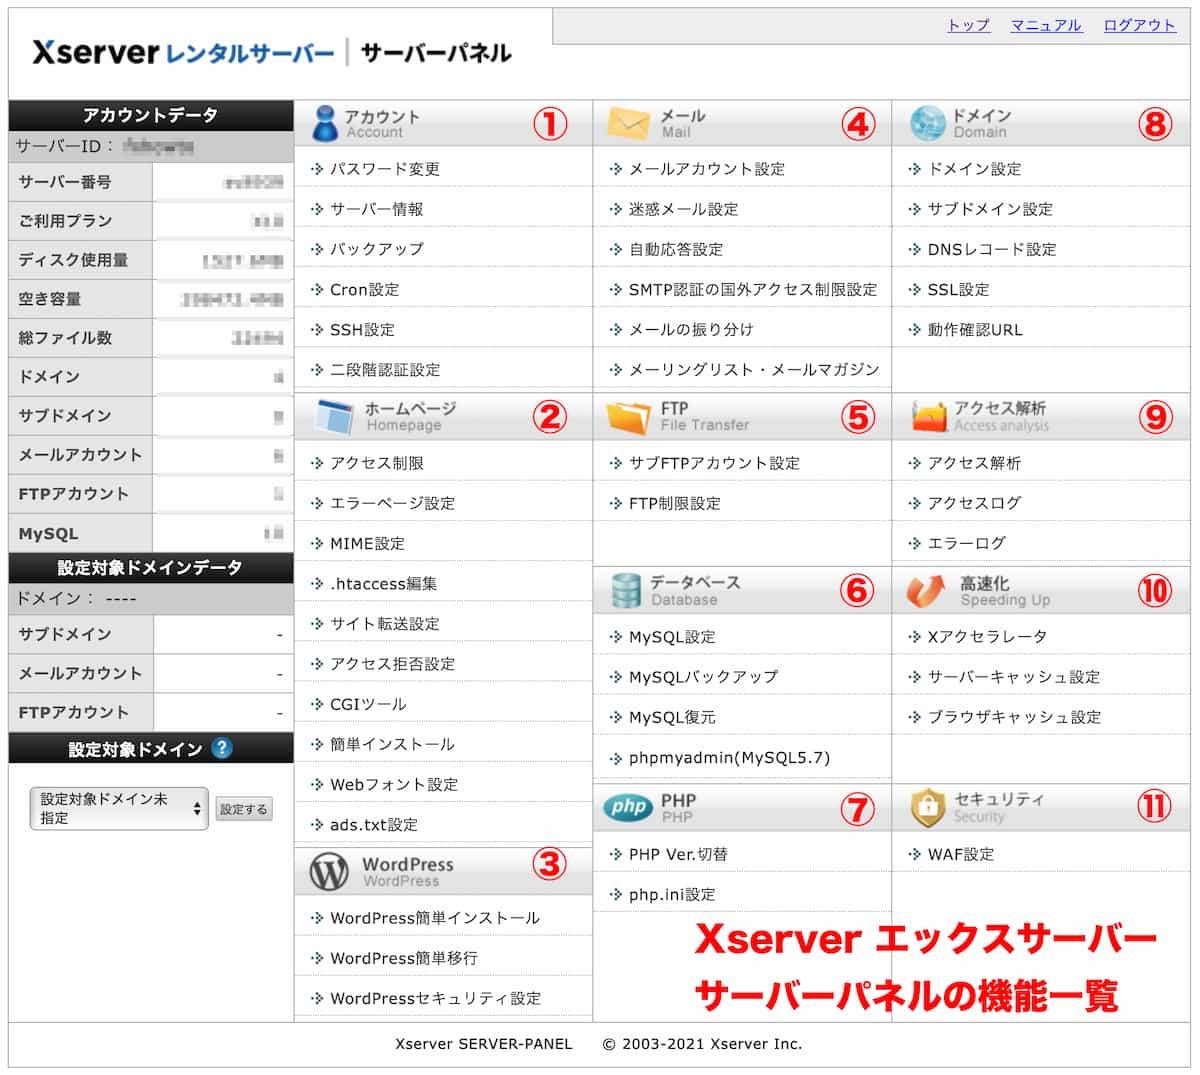 レンタルサーバーのエックスサーバーの機能一覧